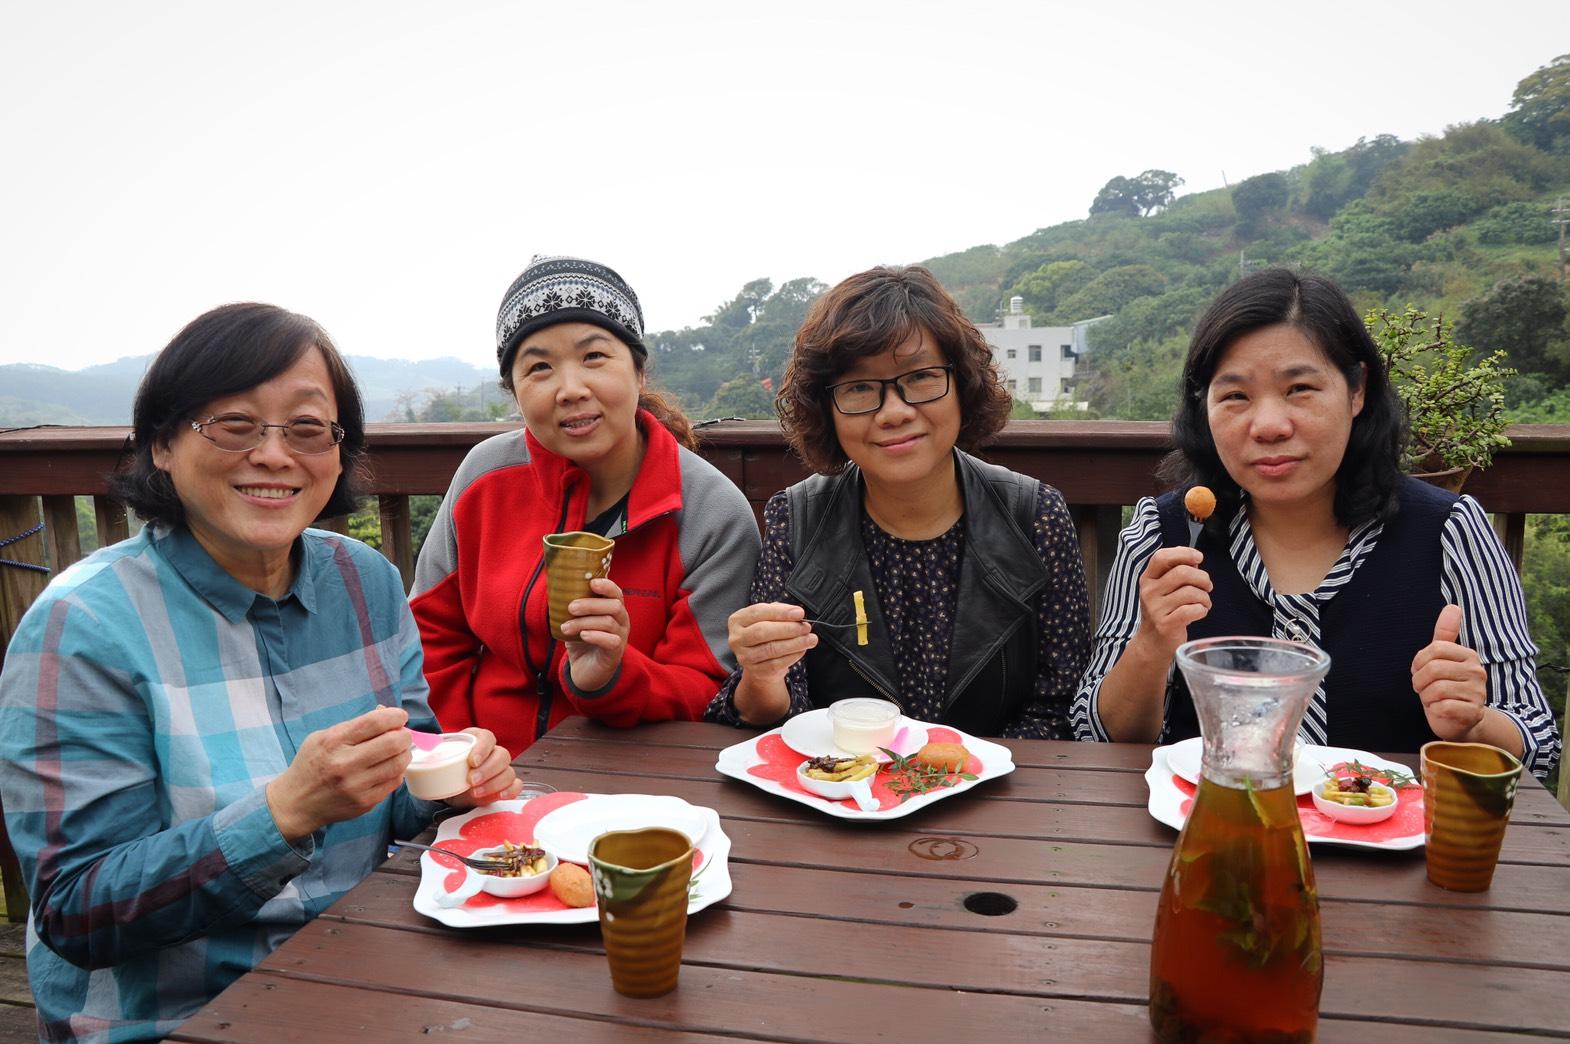 十三行樂齡日初夏小清新 山間秘境享季節時蔬午茶